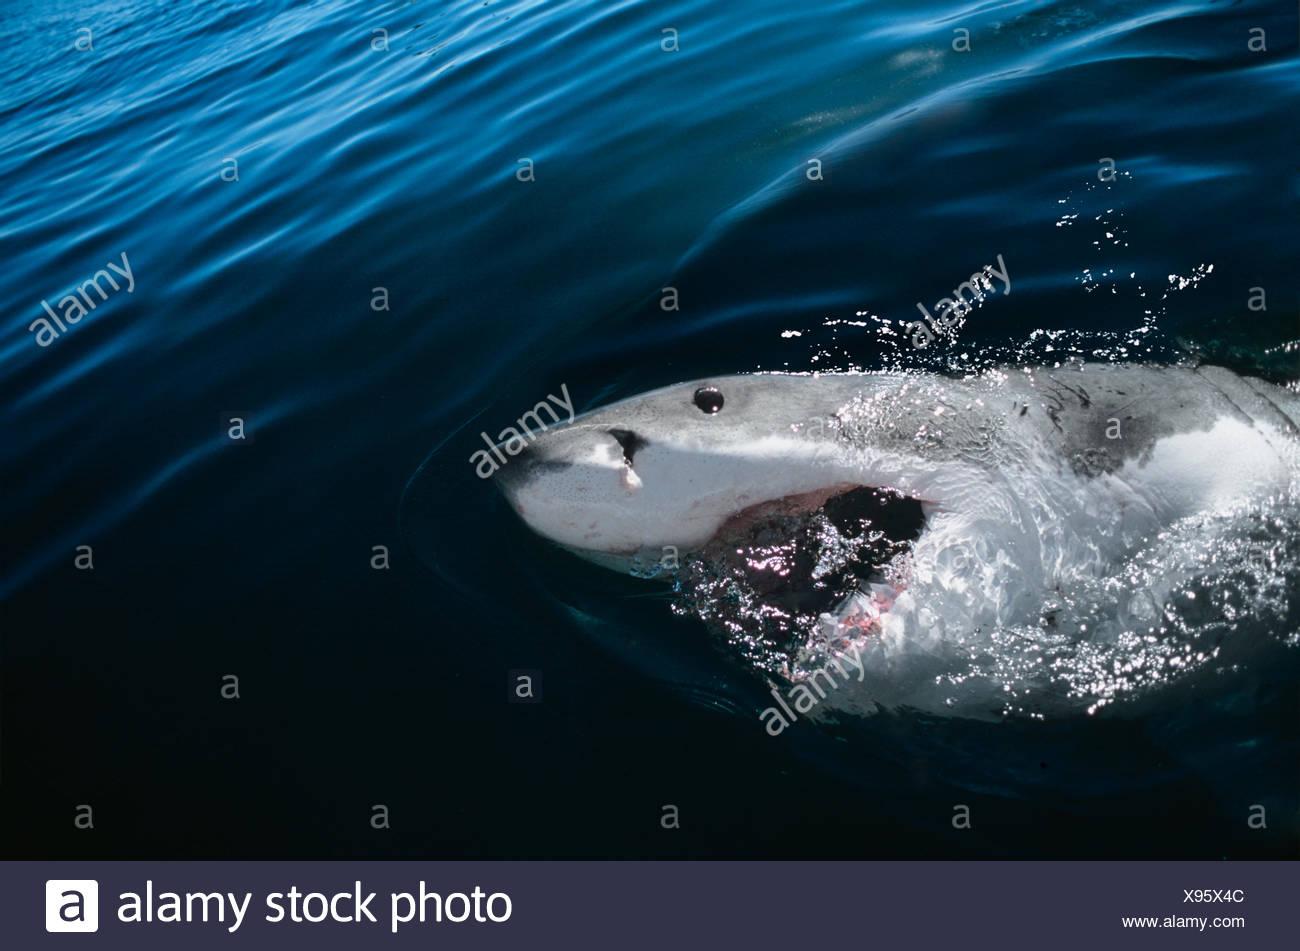 Il grande squalo bianco (Carcharodon carcharias) affiorante con la bocca aperta, Dyer Island, Sud Africa, Oceano Atlantico. Immagini Stock